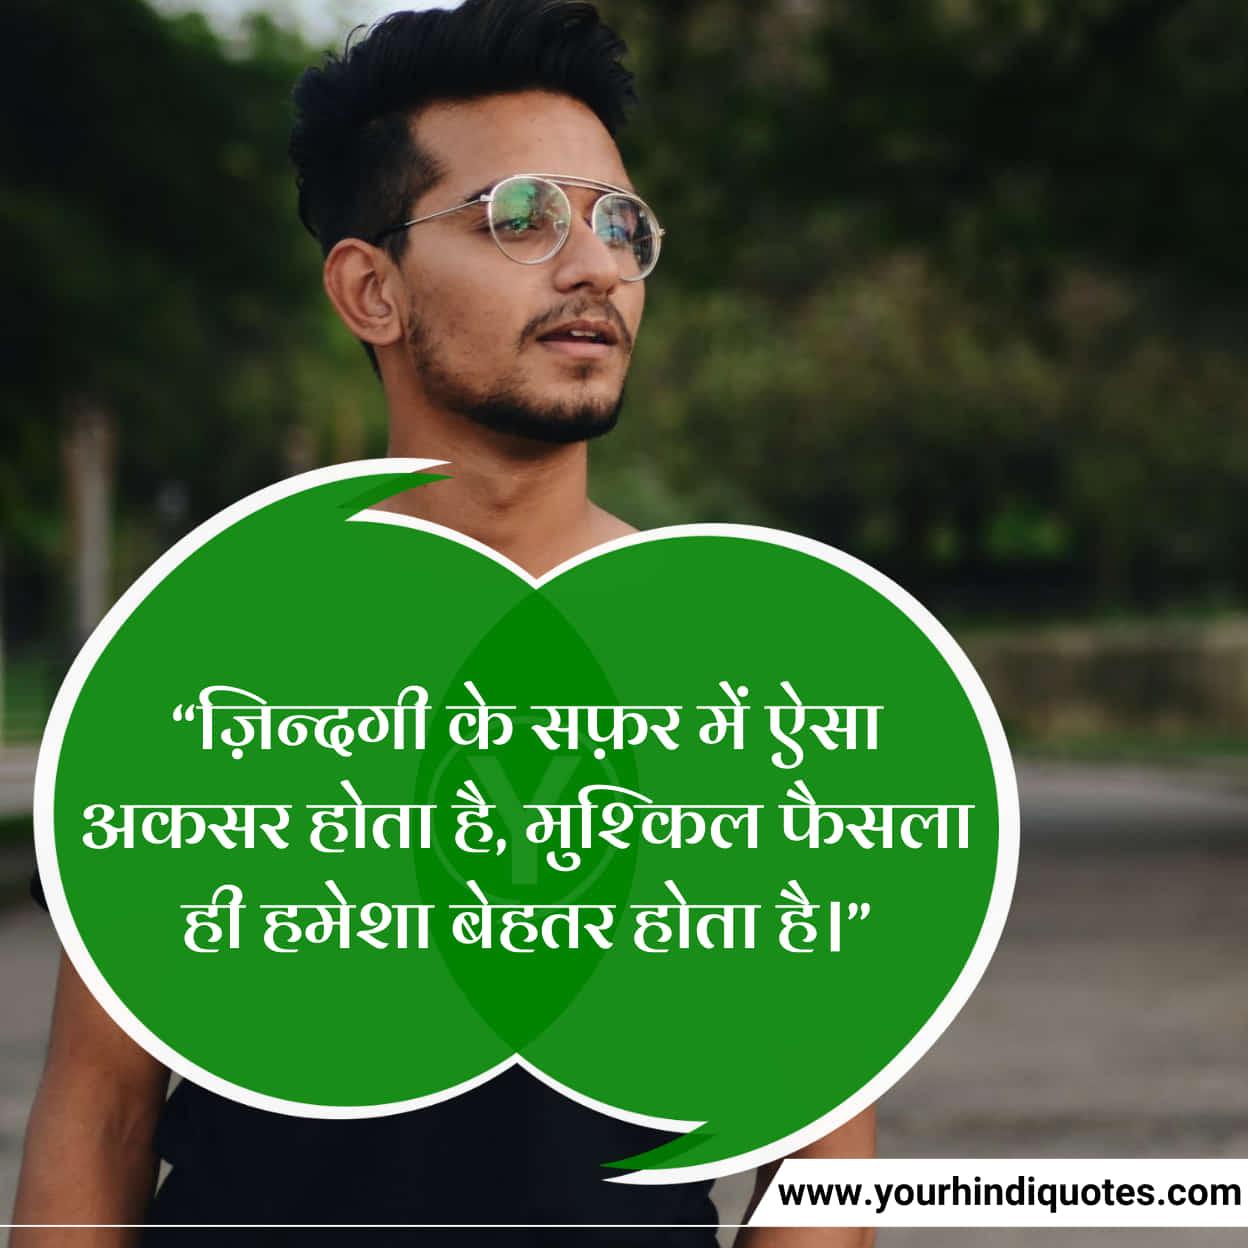 Emotional QuotesIn Hindi